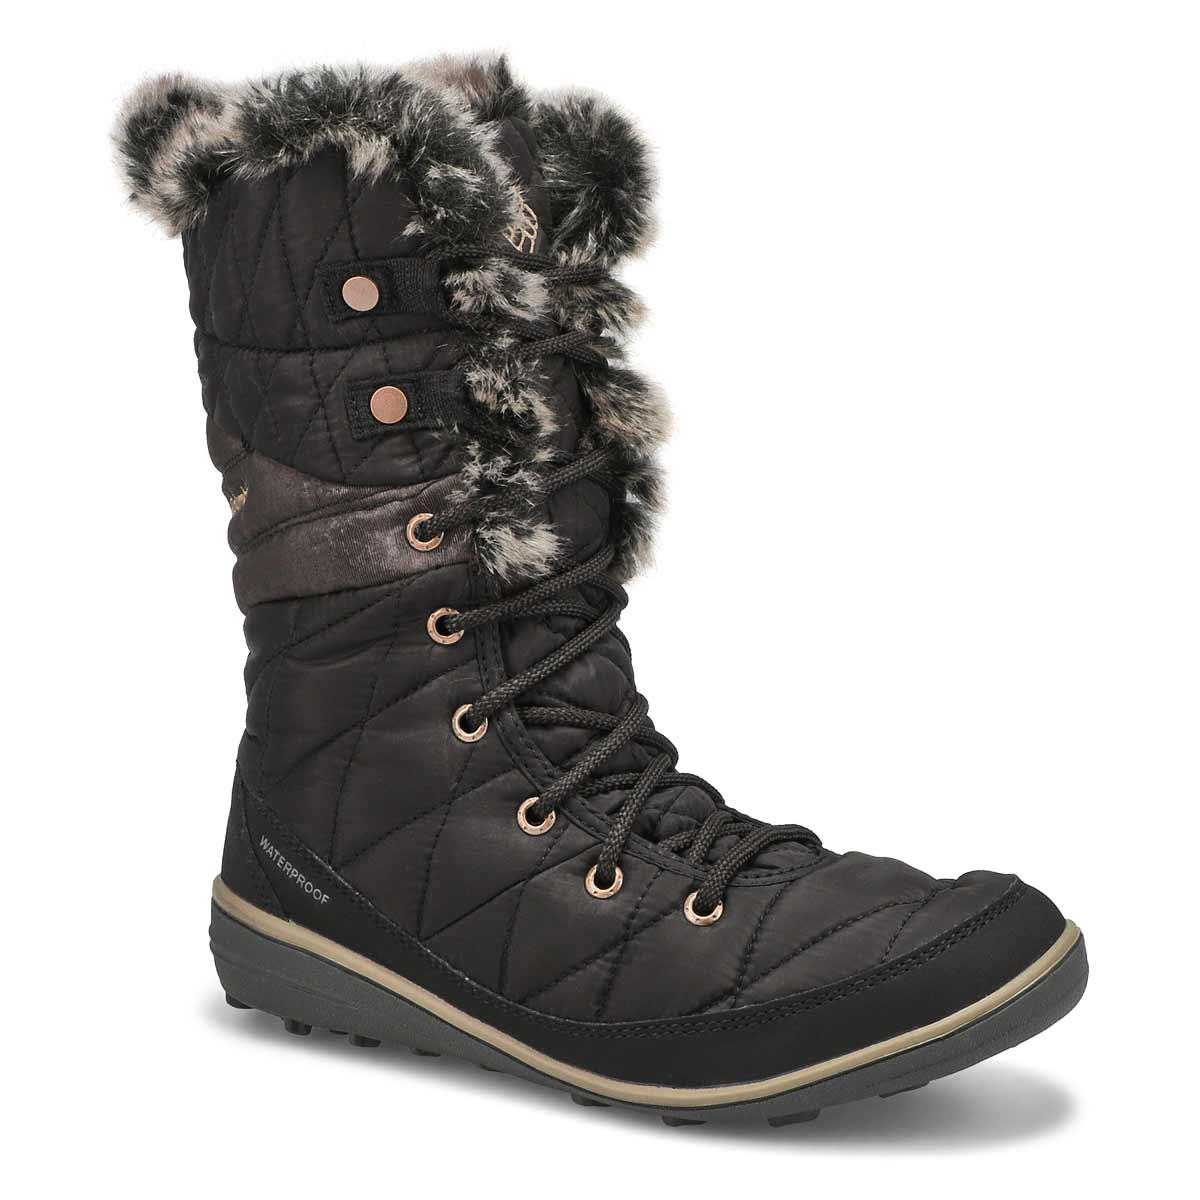 Lds Heavenly OmniHeat blk snow boot